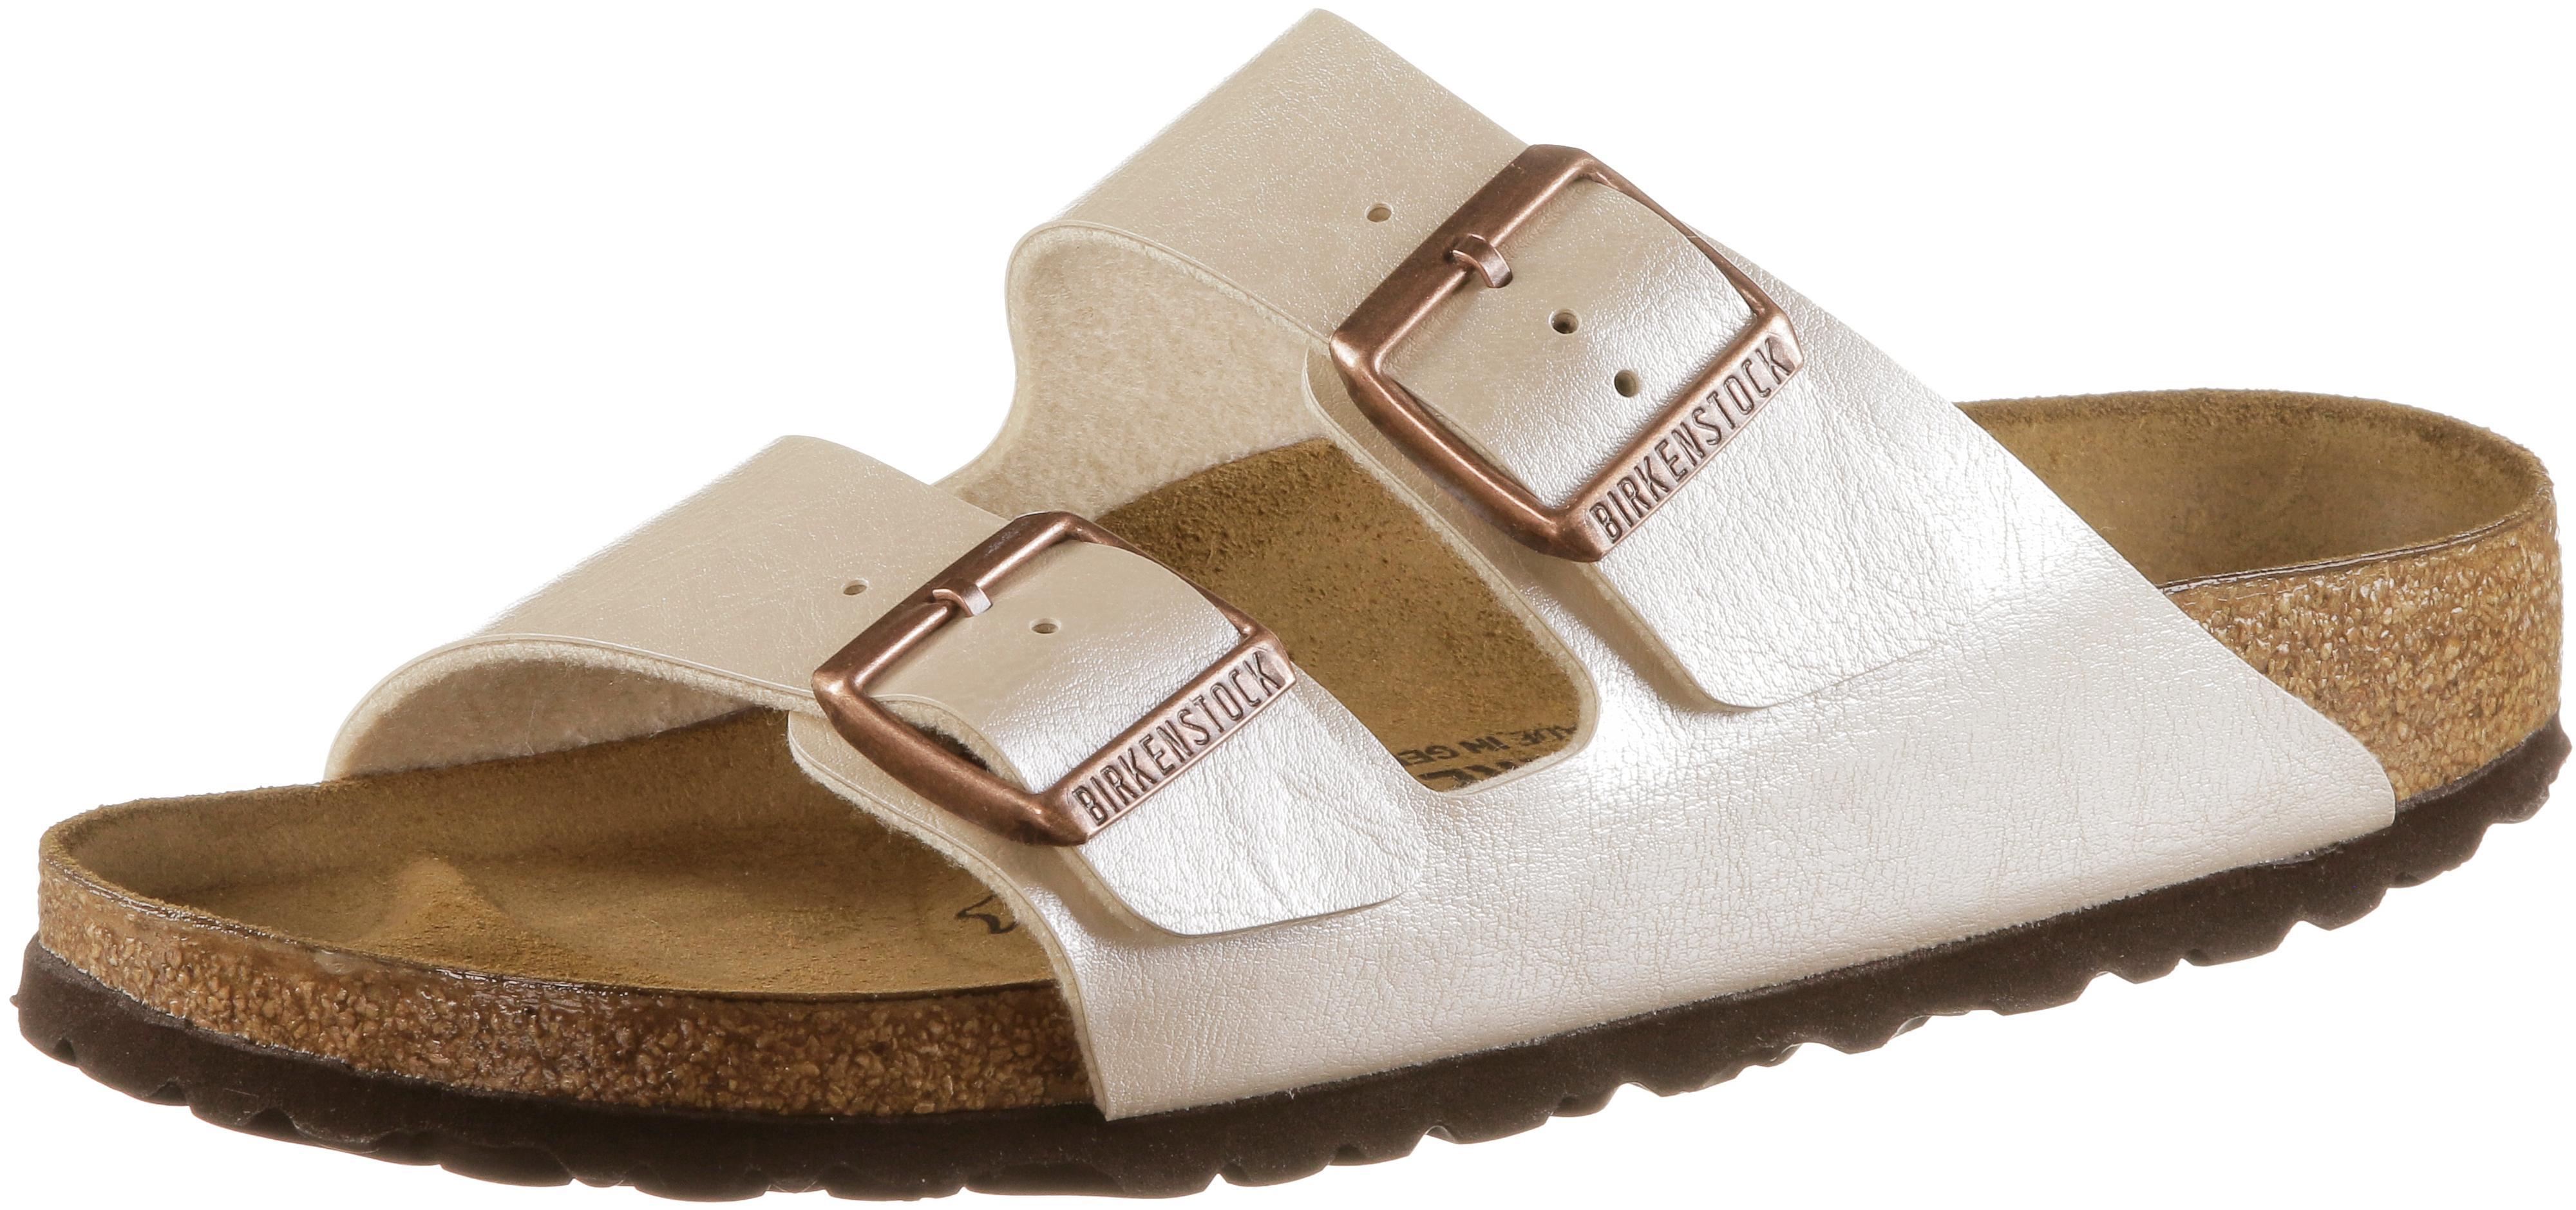 0addcf467c Birkenstock ARIZONA Sandalen Damen graceful pearl white im Online Shop von  SportScheck kaufen